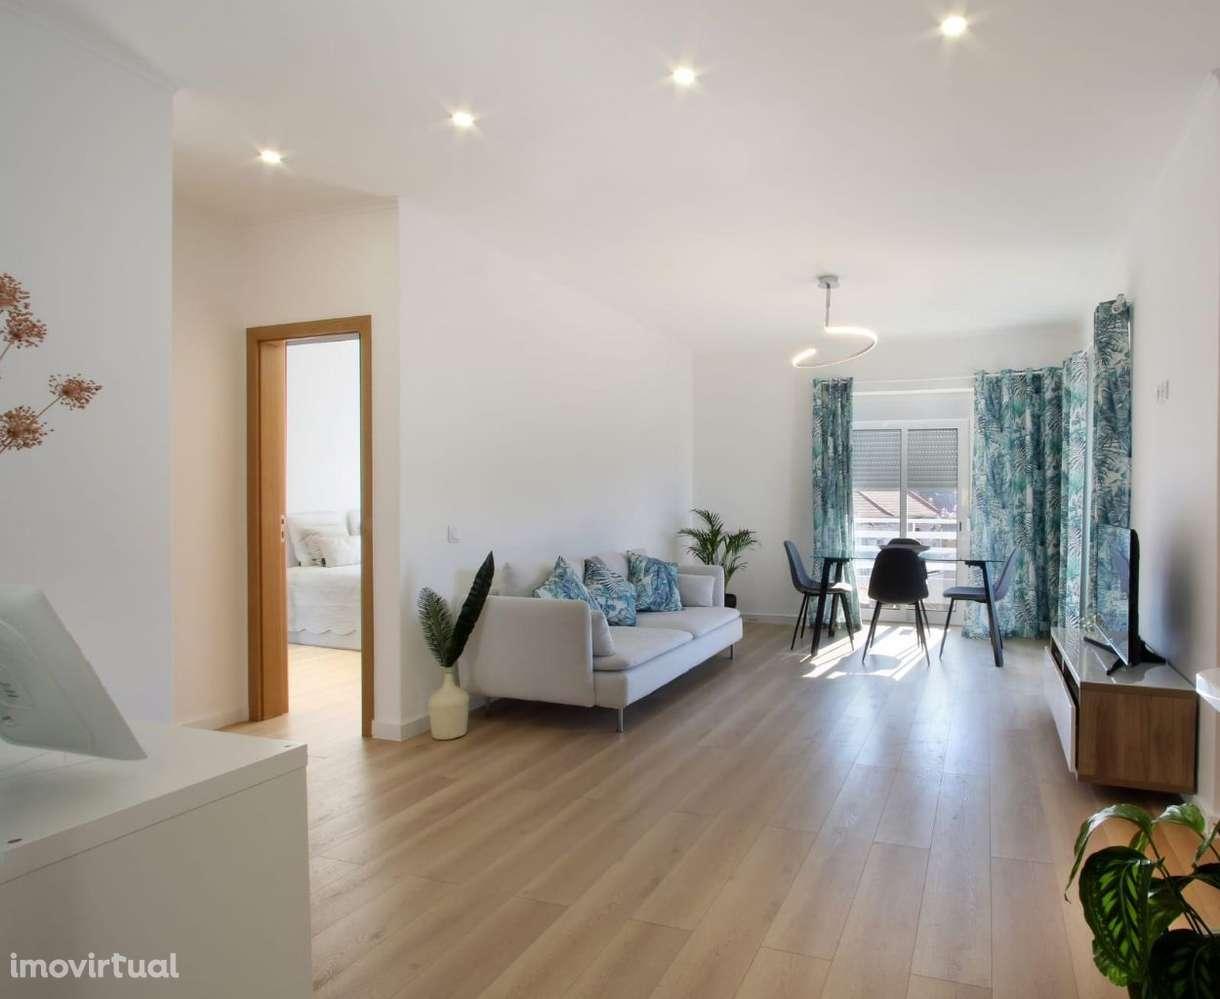 Apartamento para comprar, Rua Francisco Foreiro, Almada, Cova da Piedade, Pragal e Cacilhas - Foto 1